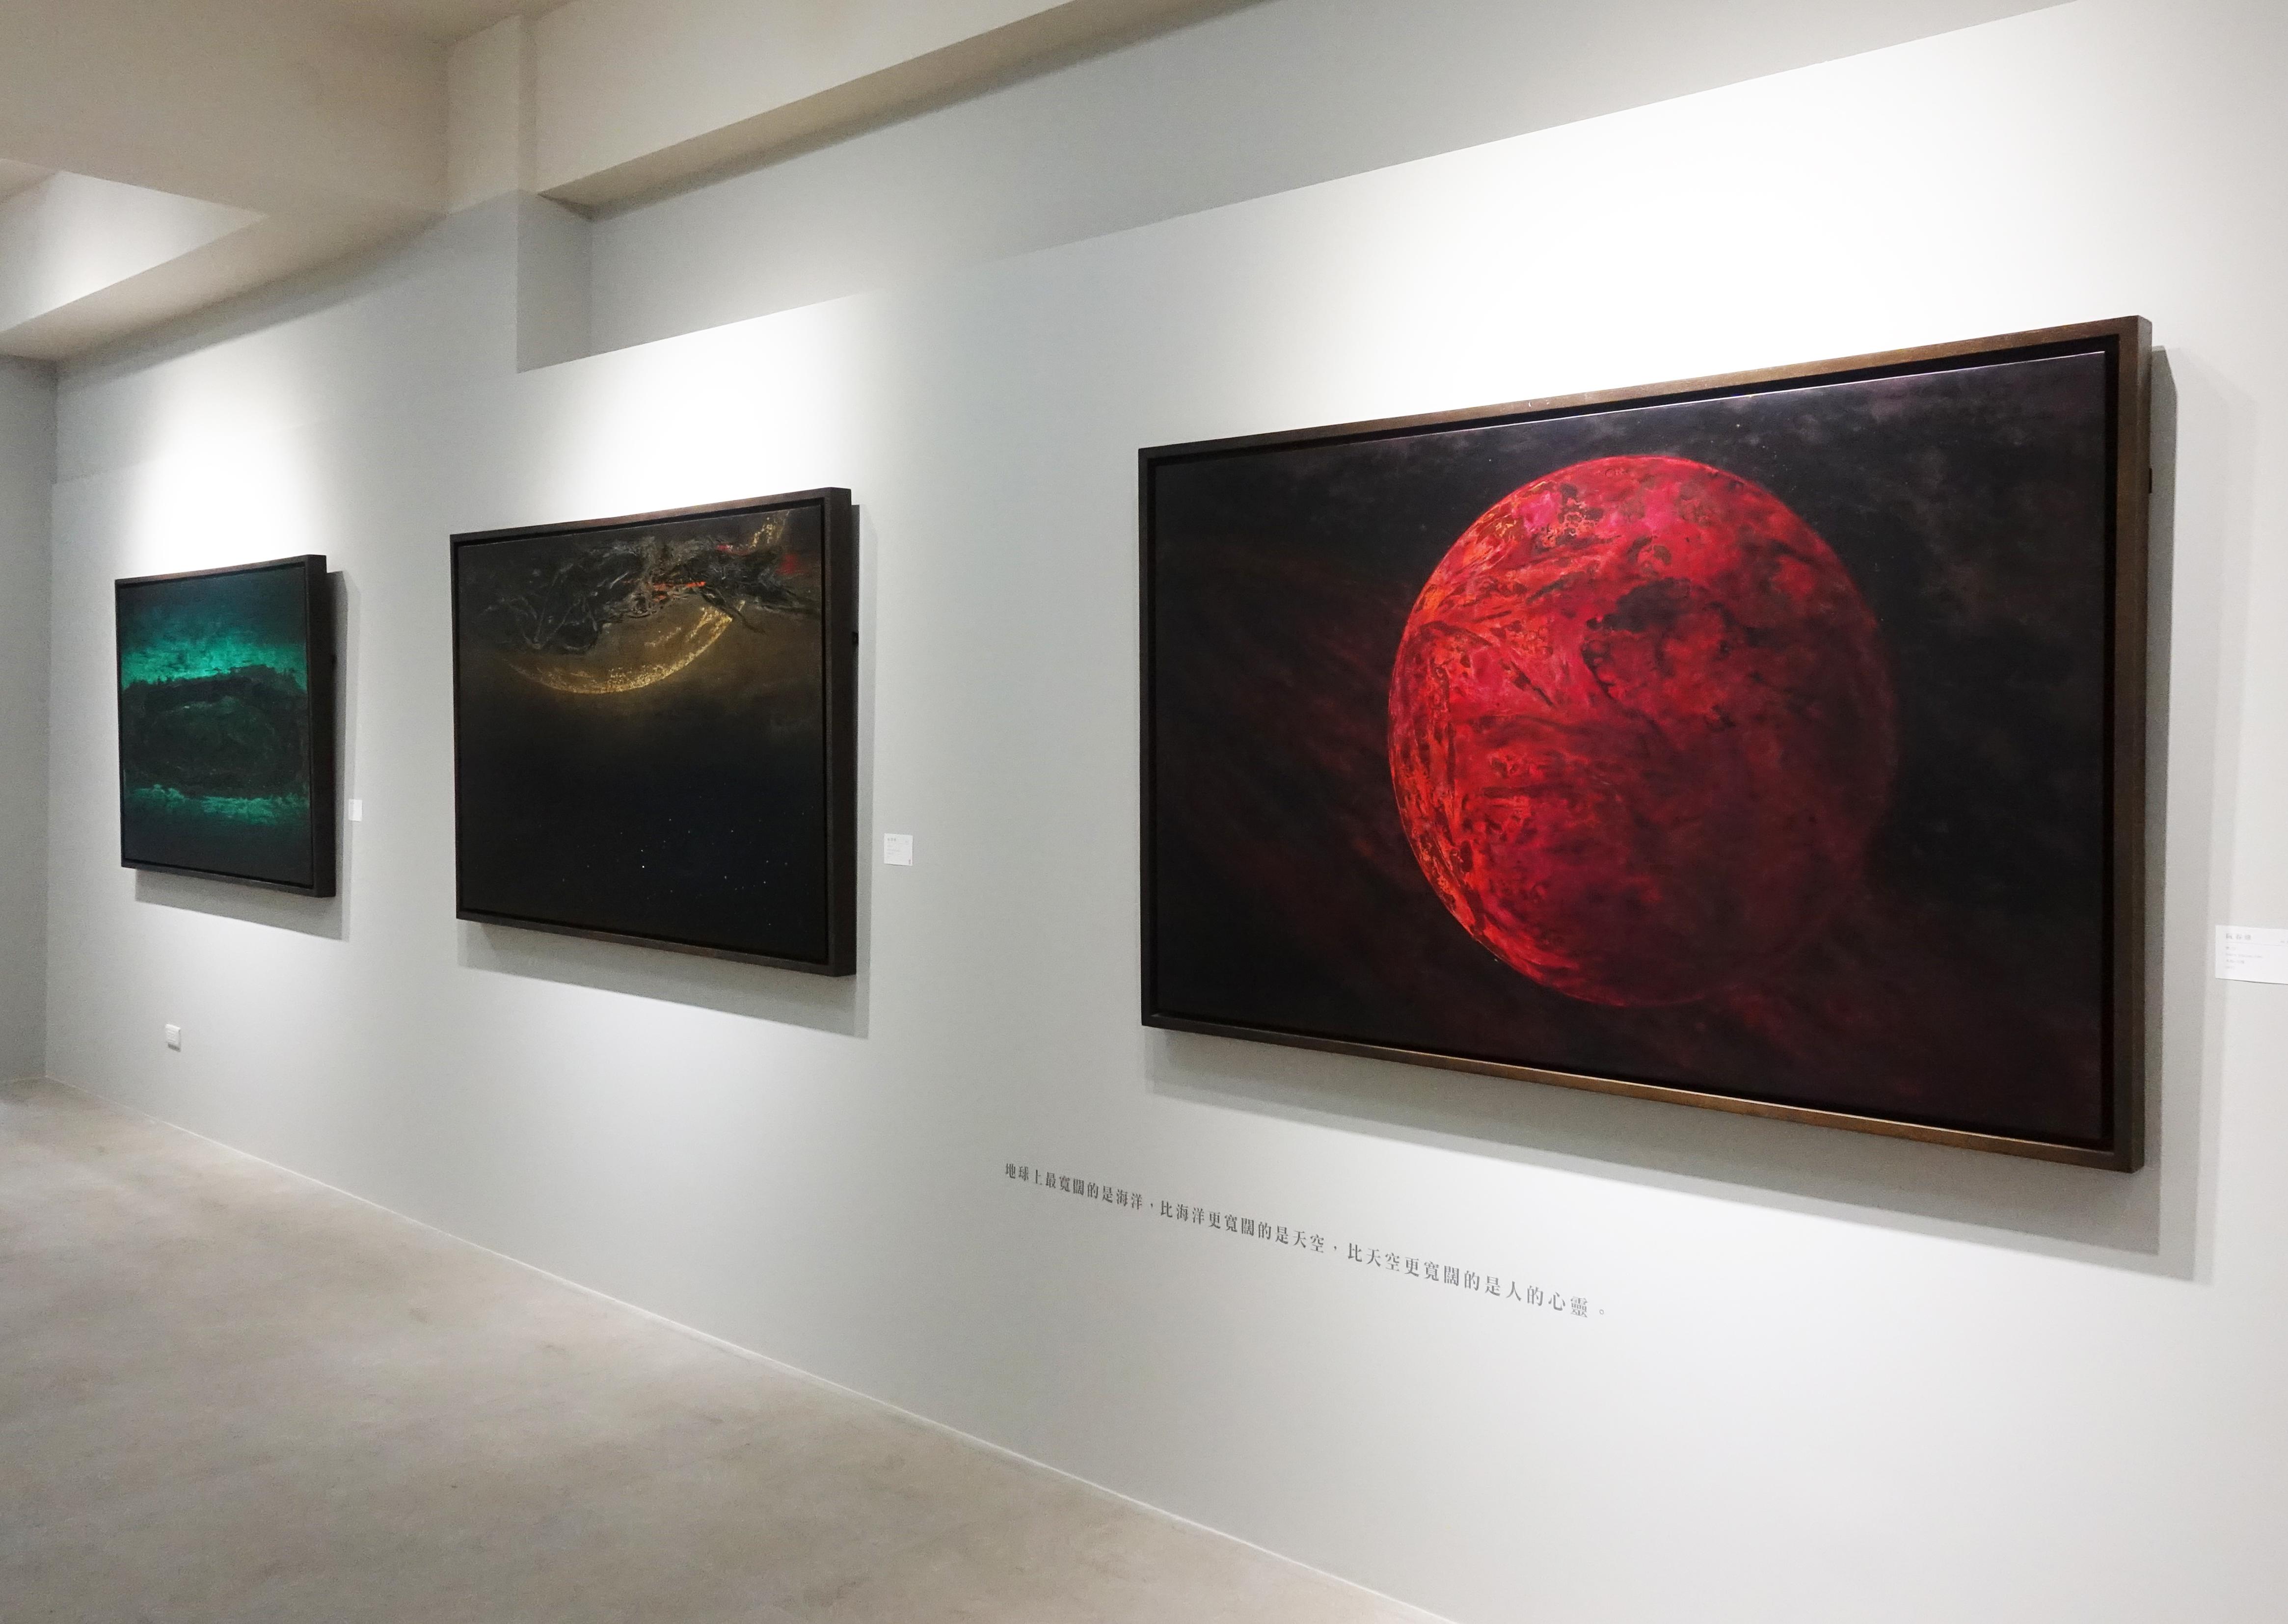 正觀藝術喬遷首展,展出越南藝術家阮春綠台灣首展《微塵系列》。